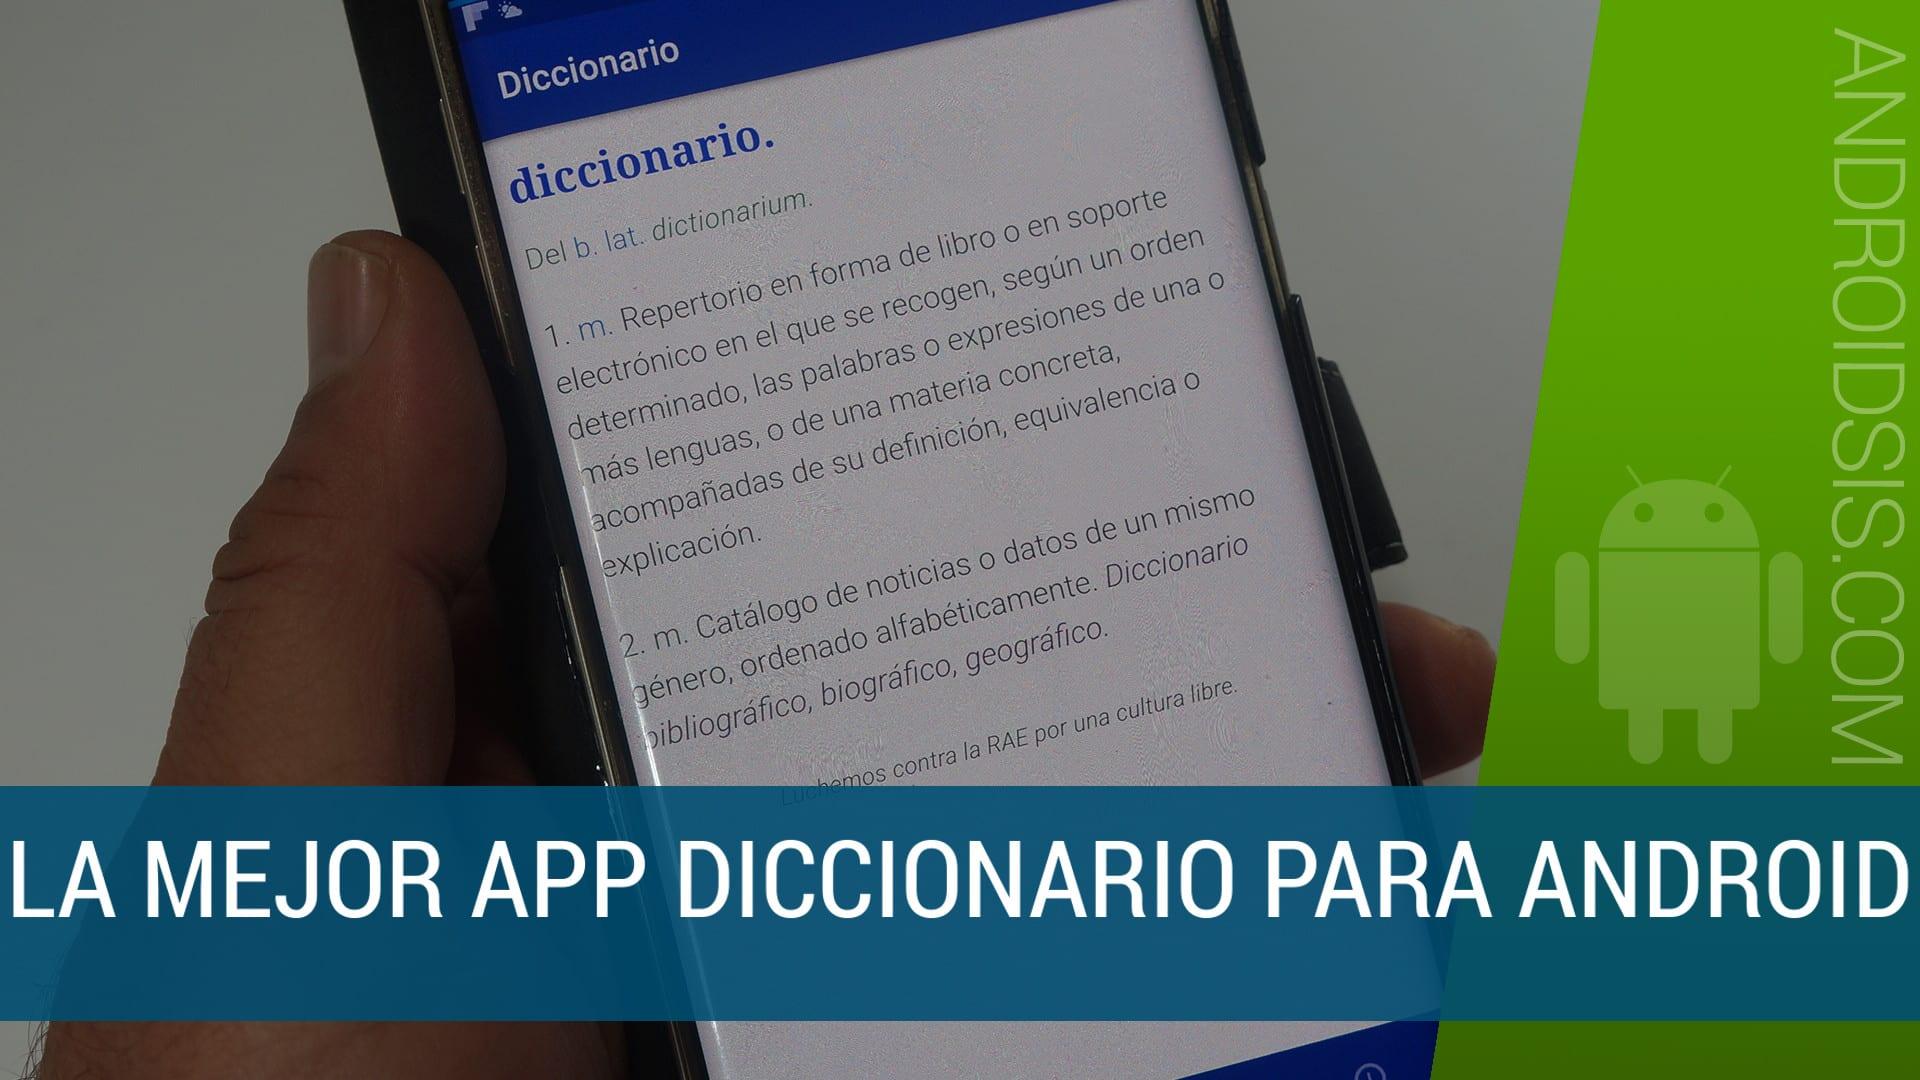 [APK] Descarga e instala la mejor aplicación diccionario para Android